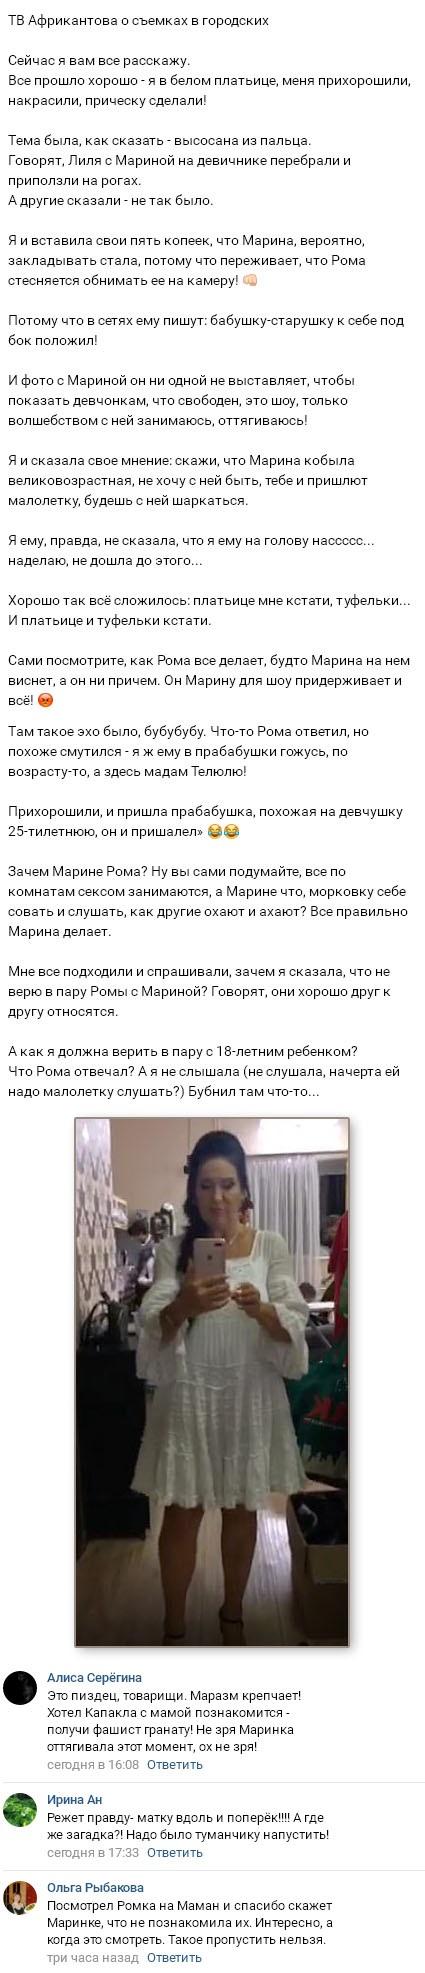 Татьяна Африкантова пообещала тотальные унижения потенциального зятя